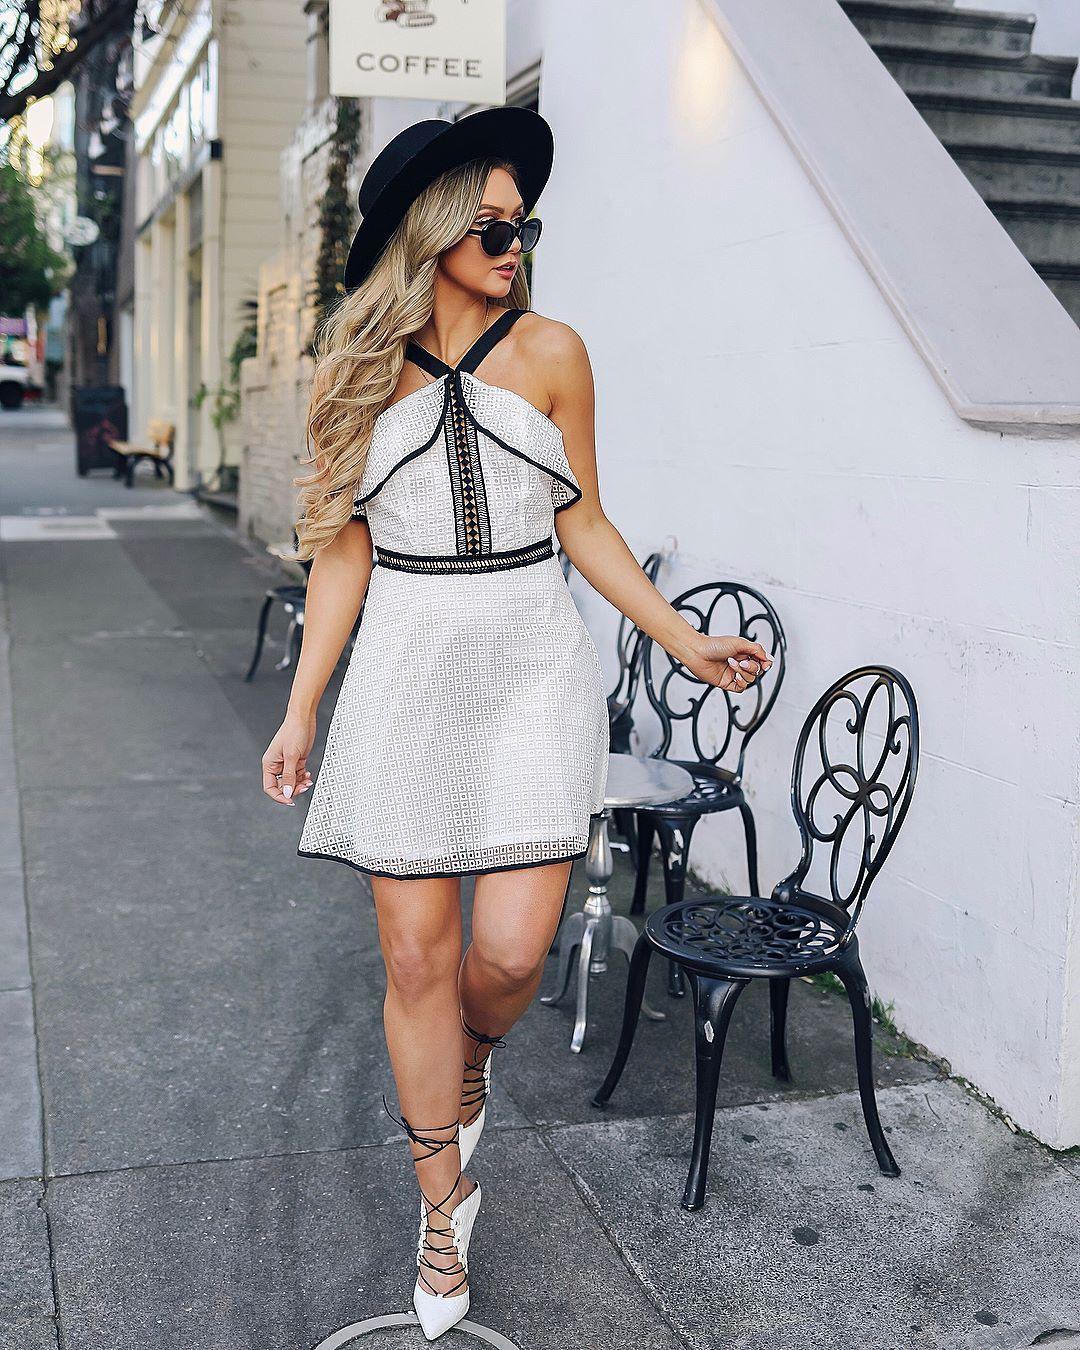 Як модно носити сарафан влітку 2018 року - фото 383956